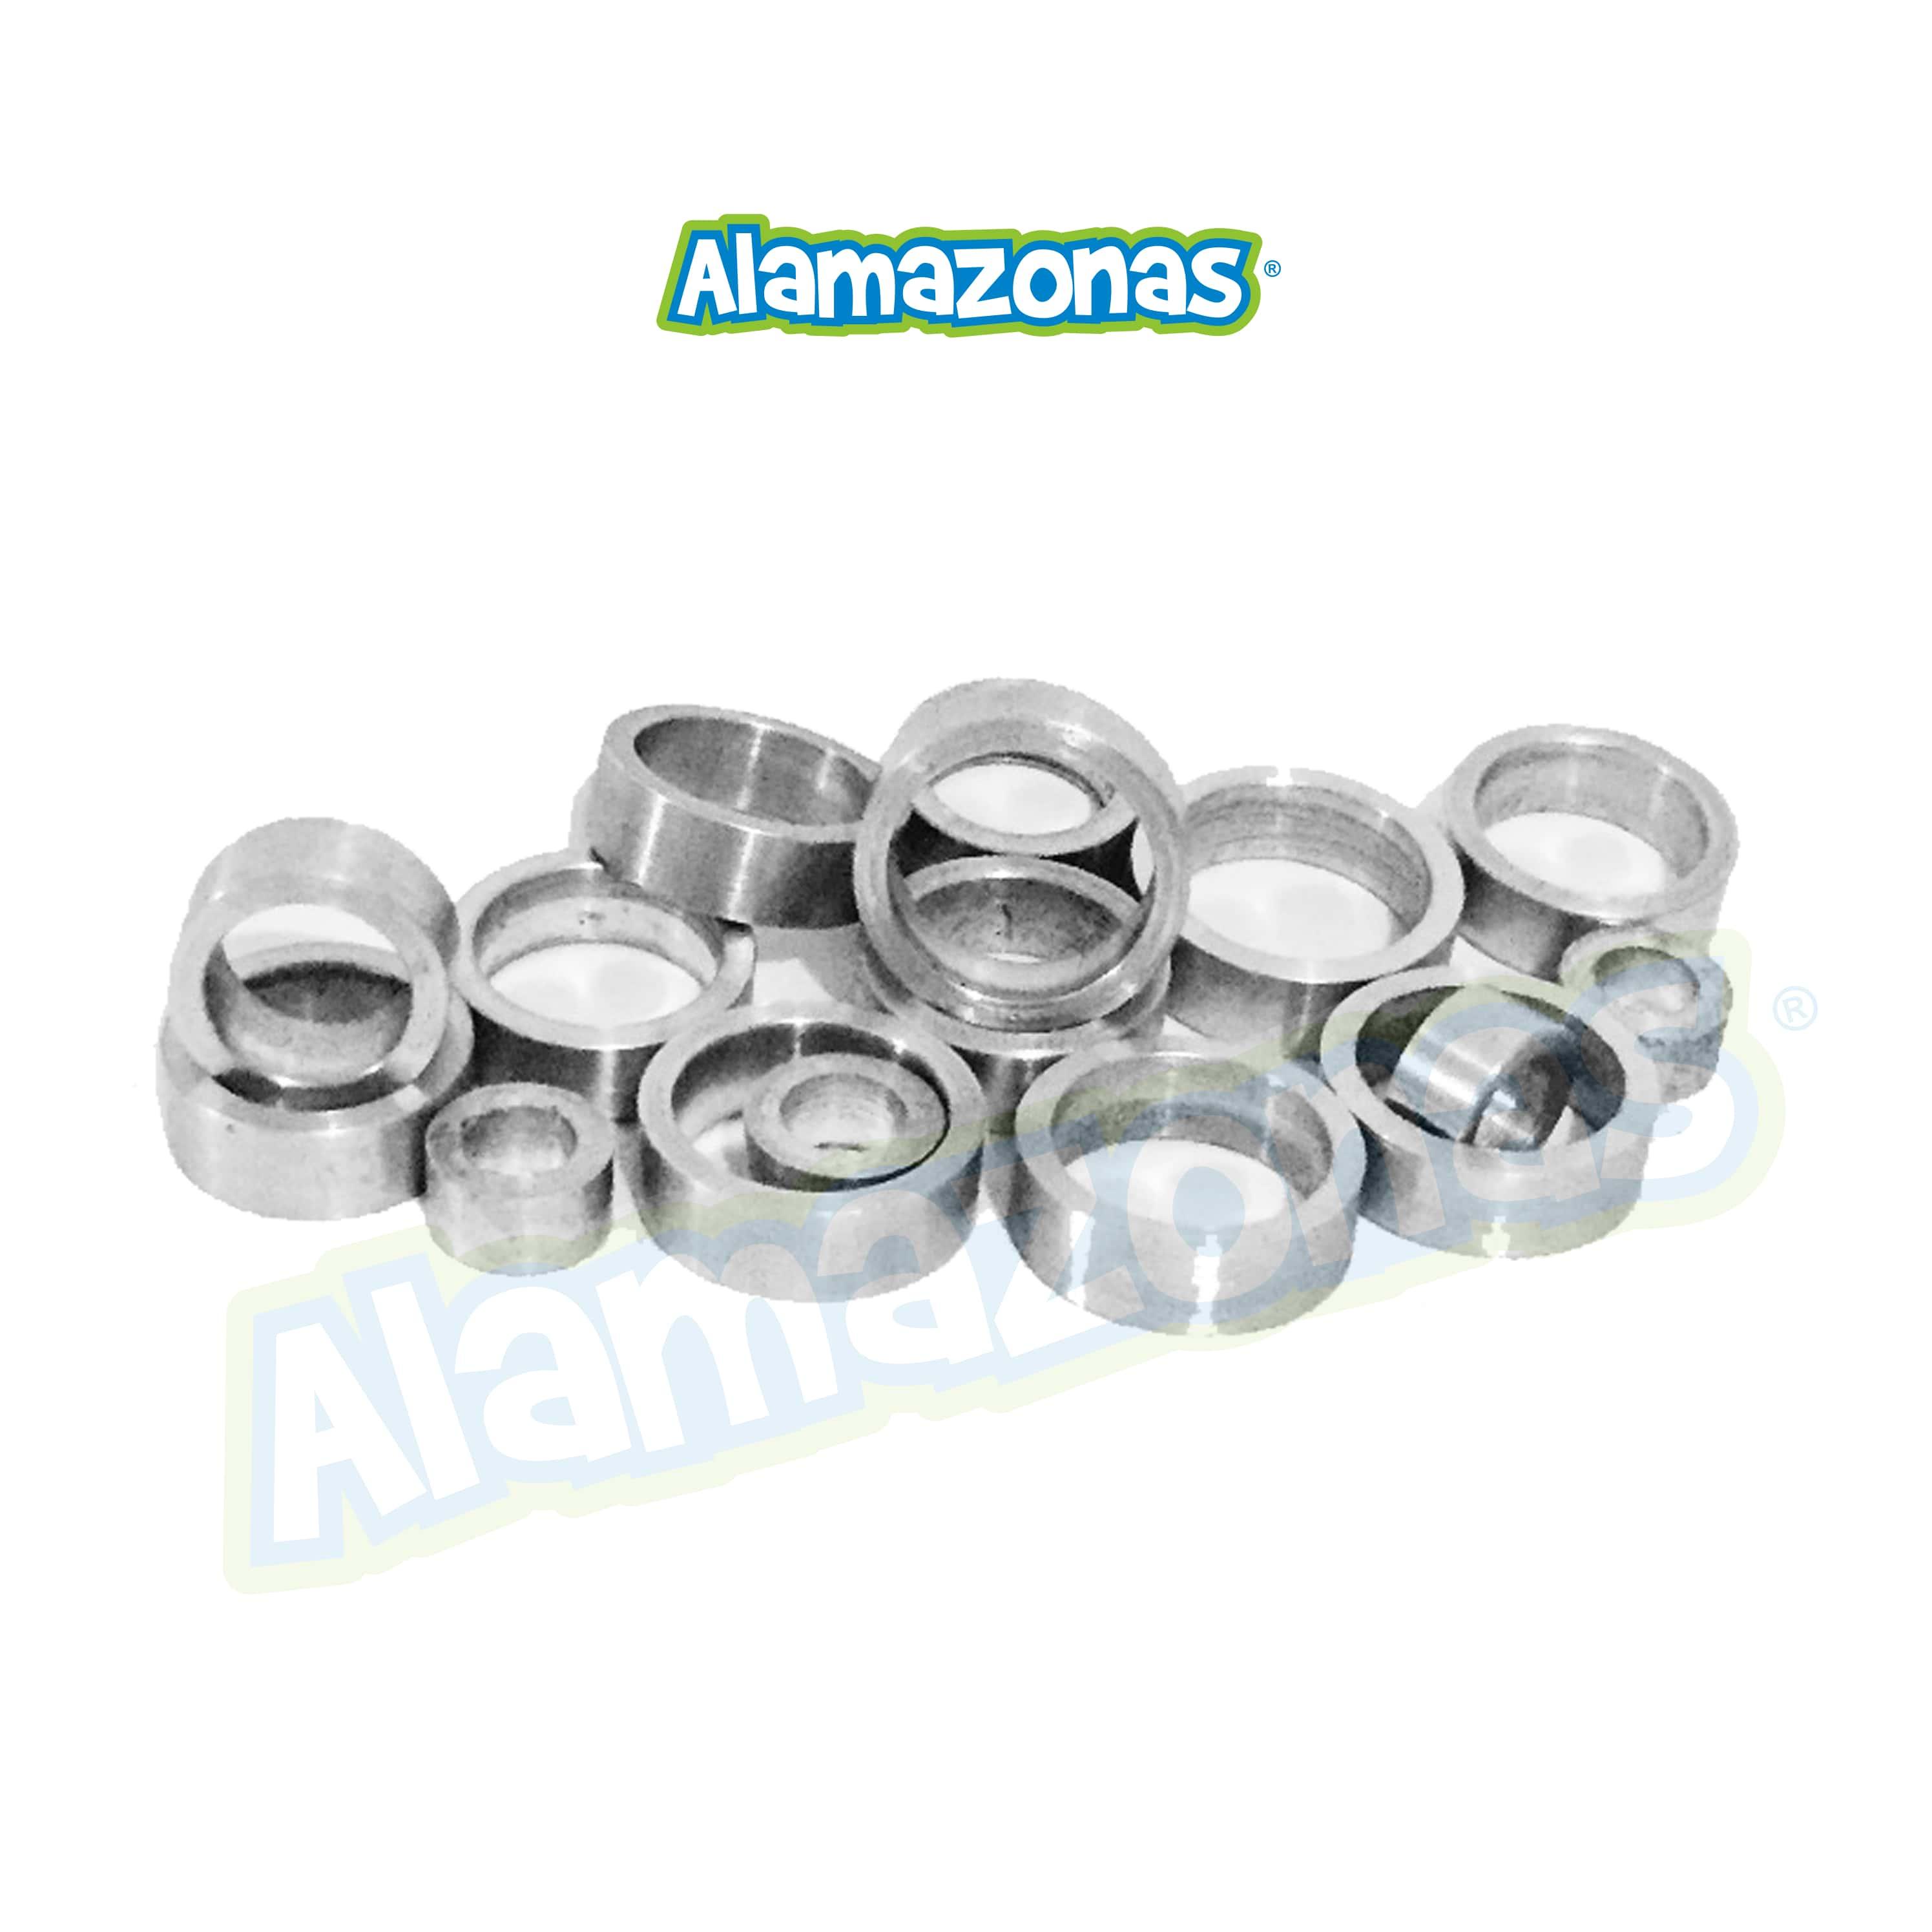 Anillo para loros, puede ser de varias medidas, en aluminio o acero, cerrados o abiertos, marcaje limitado. *Precio por unidad y se fabrican artesanalmente no en serie. Alamazonas